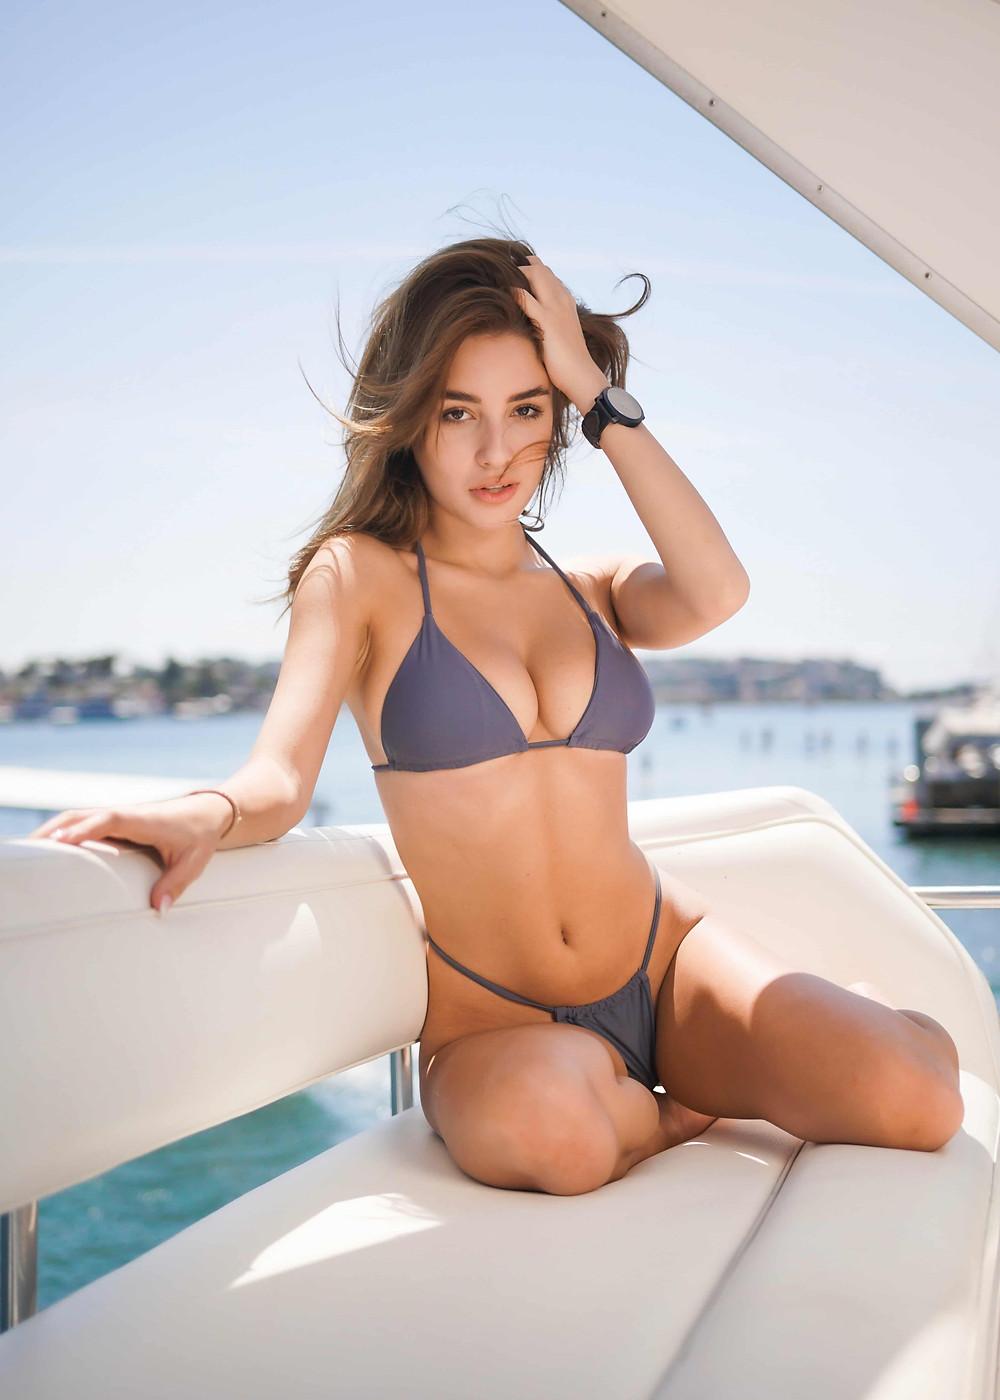 魅力的な水着をきている女性